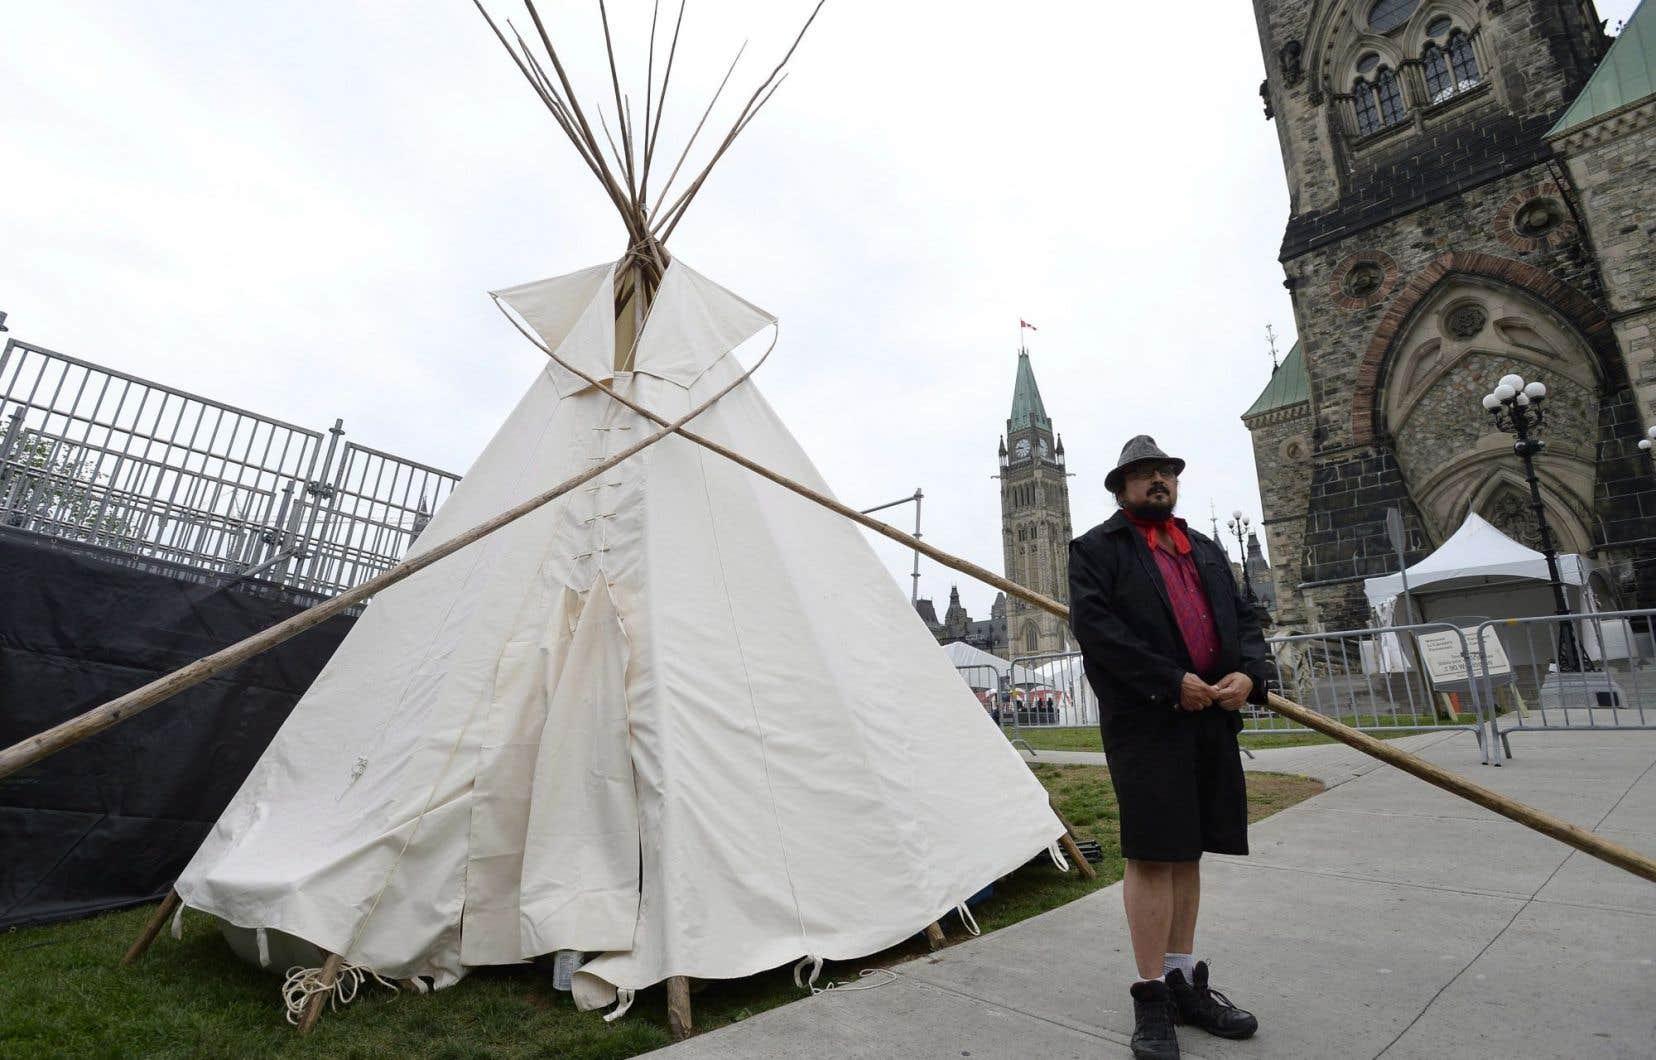 Des préparatifs étaient en cours, jeudi soir, pour déménager un tipi directement sur la colline du Parlement.